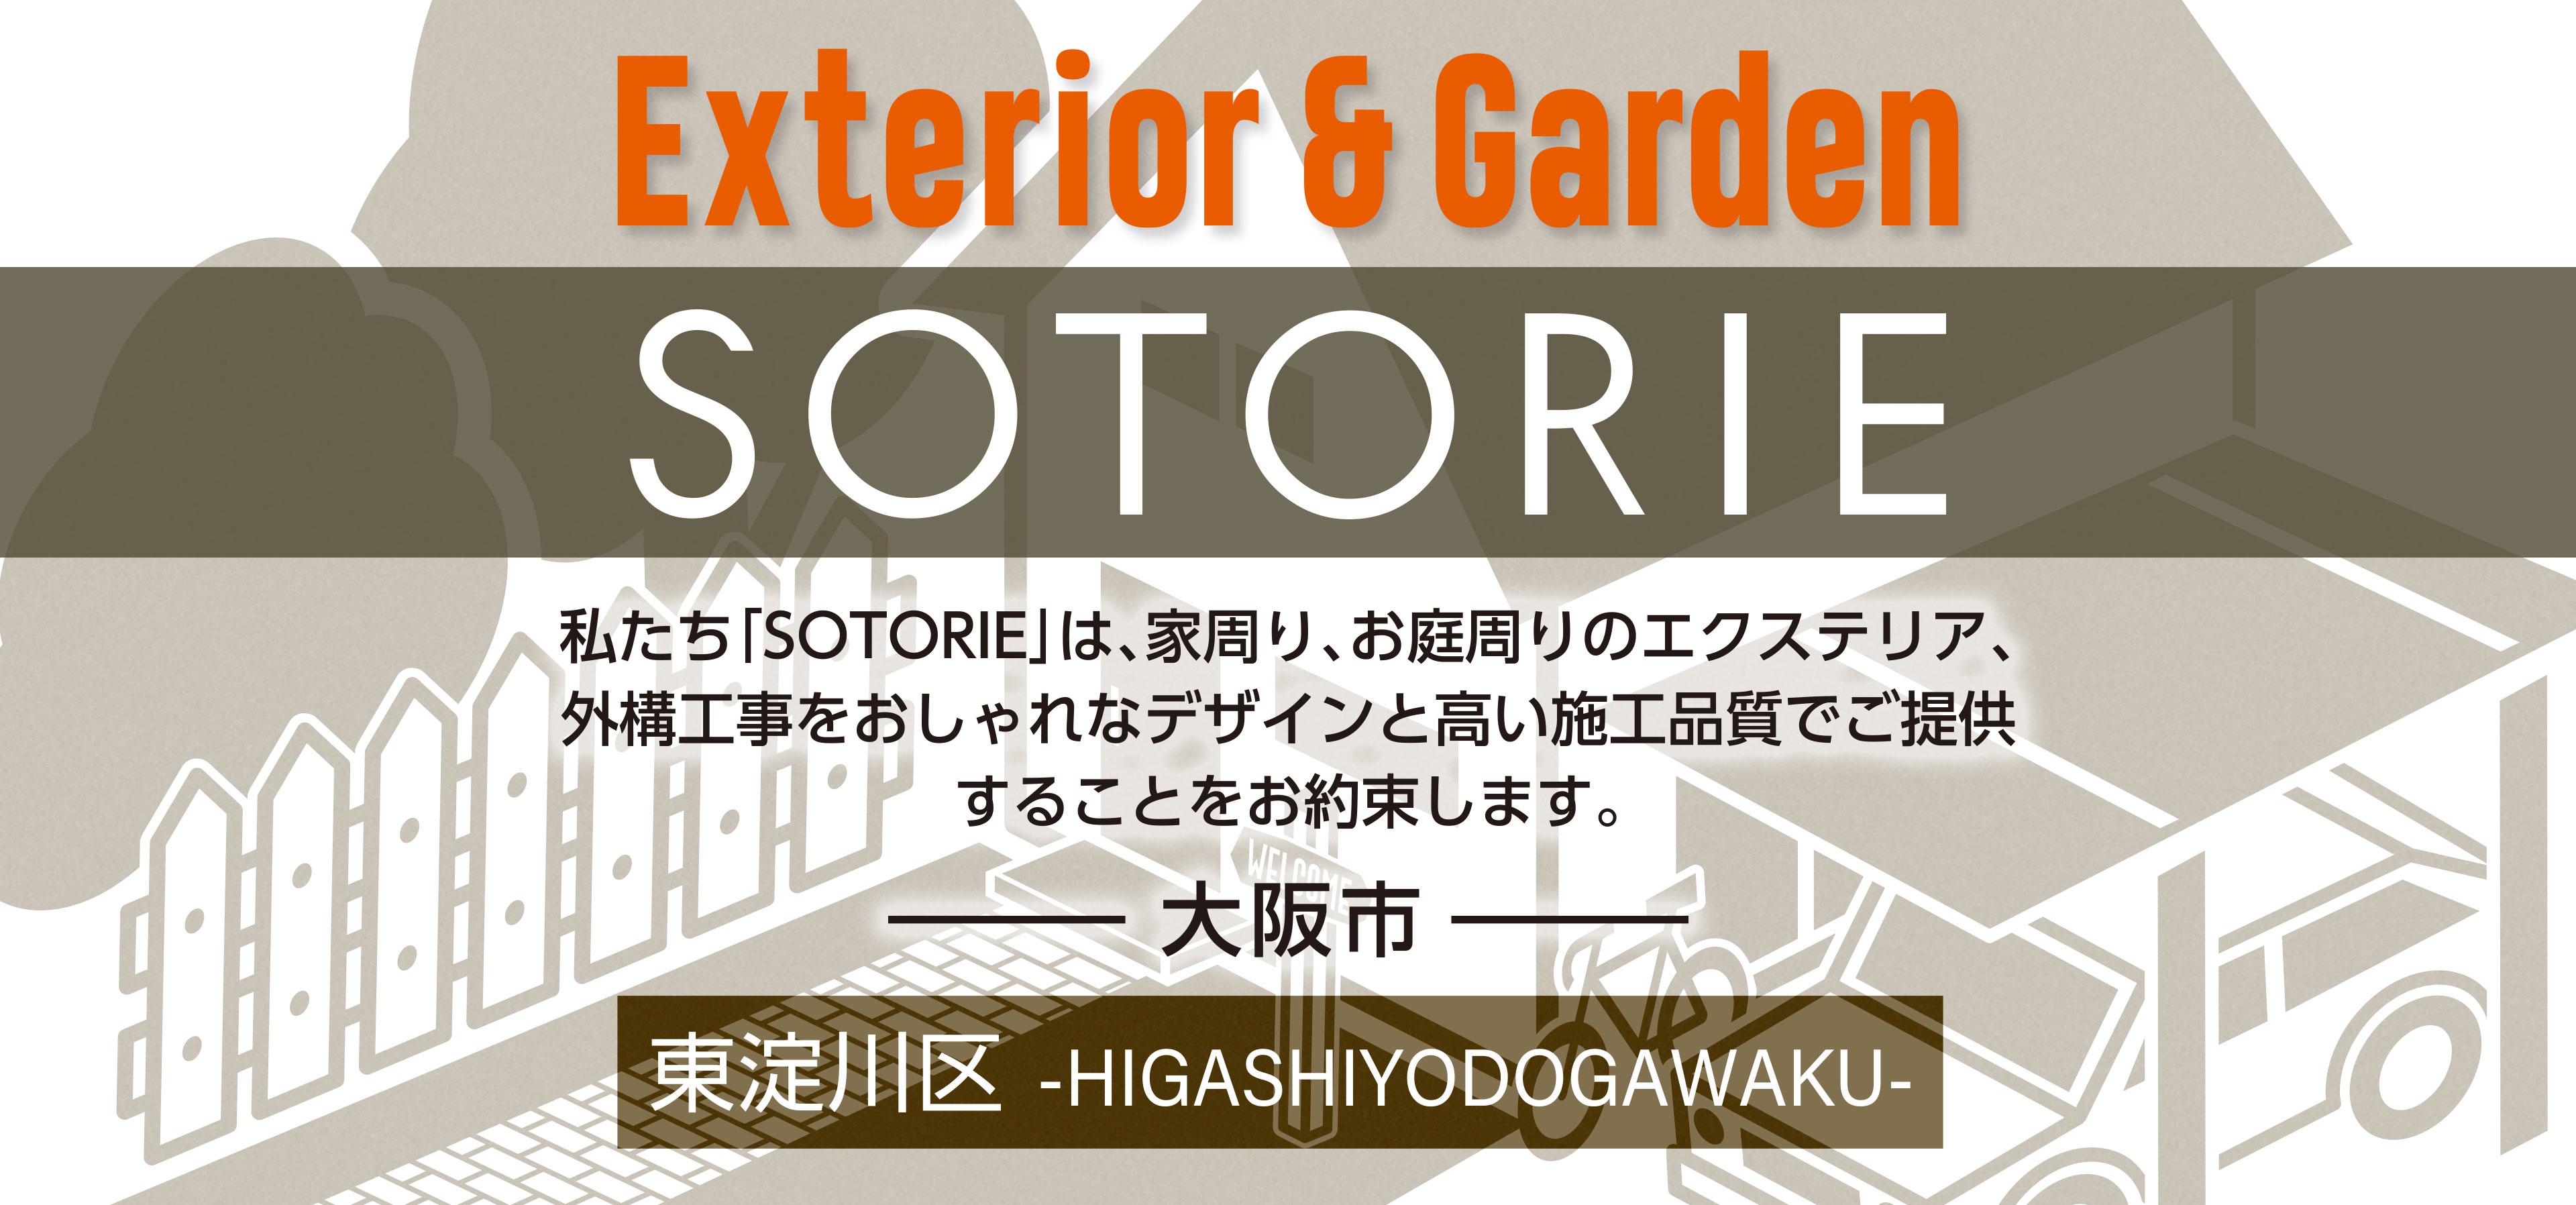 ソトリエ大阪市東淀川区では、家周りと庭周りの外構、エクステリア工事をおしゃれなデザインと高い施工品質でご提供することをお約束します。